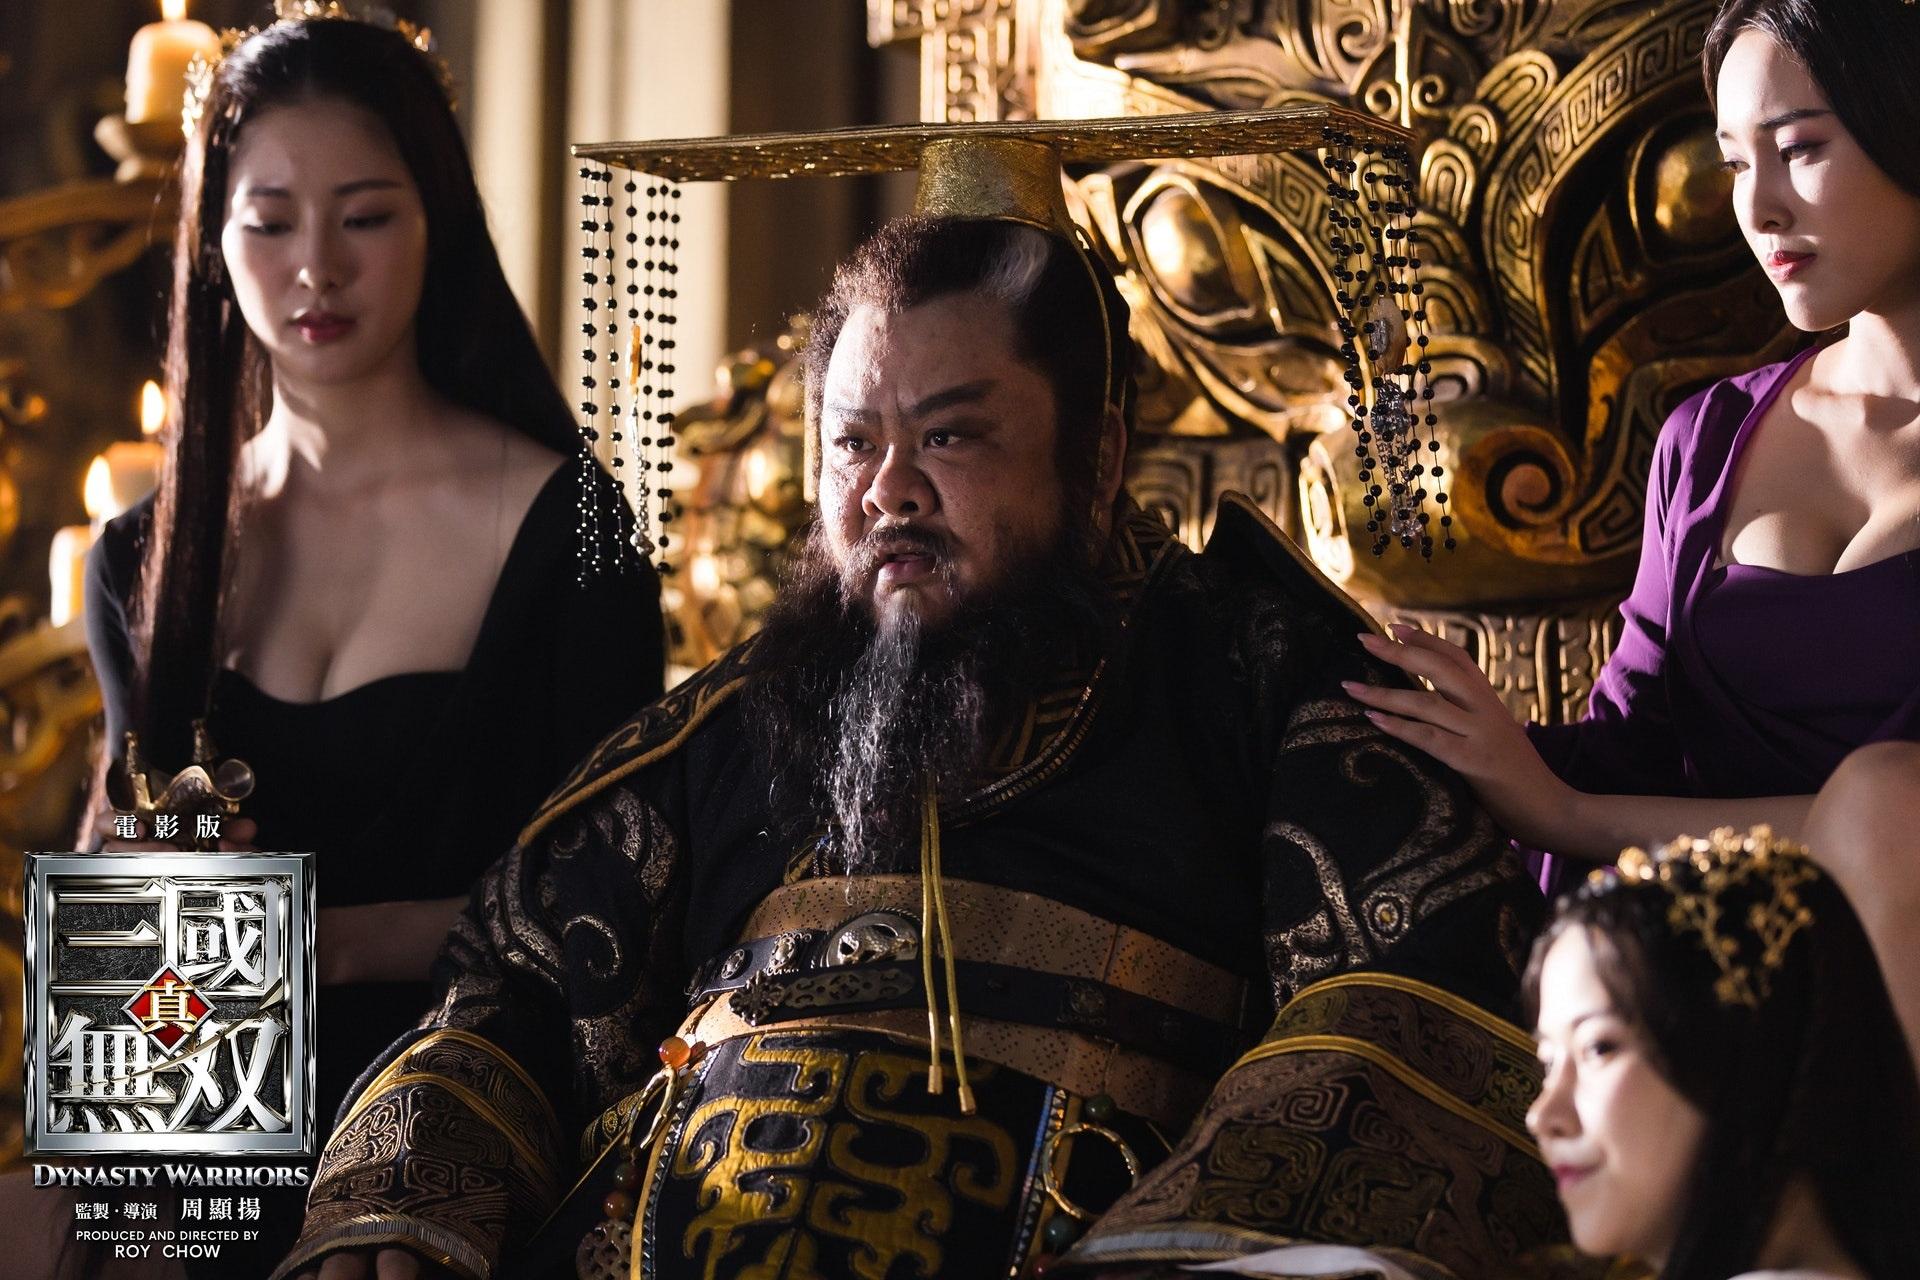 Tài tử Lâm Tuyết đóng Đổng Trác háo sắc, hoang dâm. Phim do Chu Hiển Dương đạo diễn, ra mắt từ 30/4, dự kiến chiếu trên Netflix vào mùa hè.